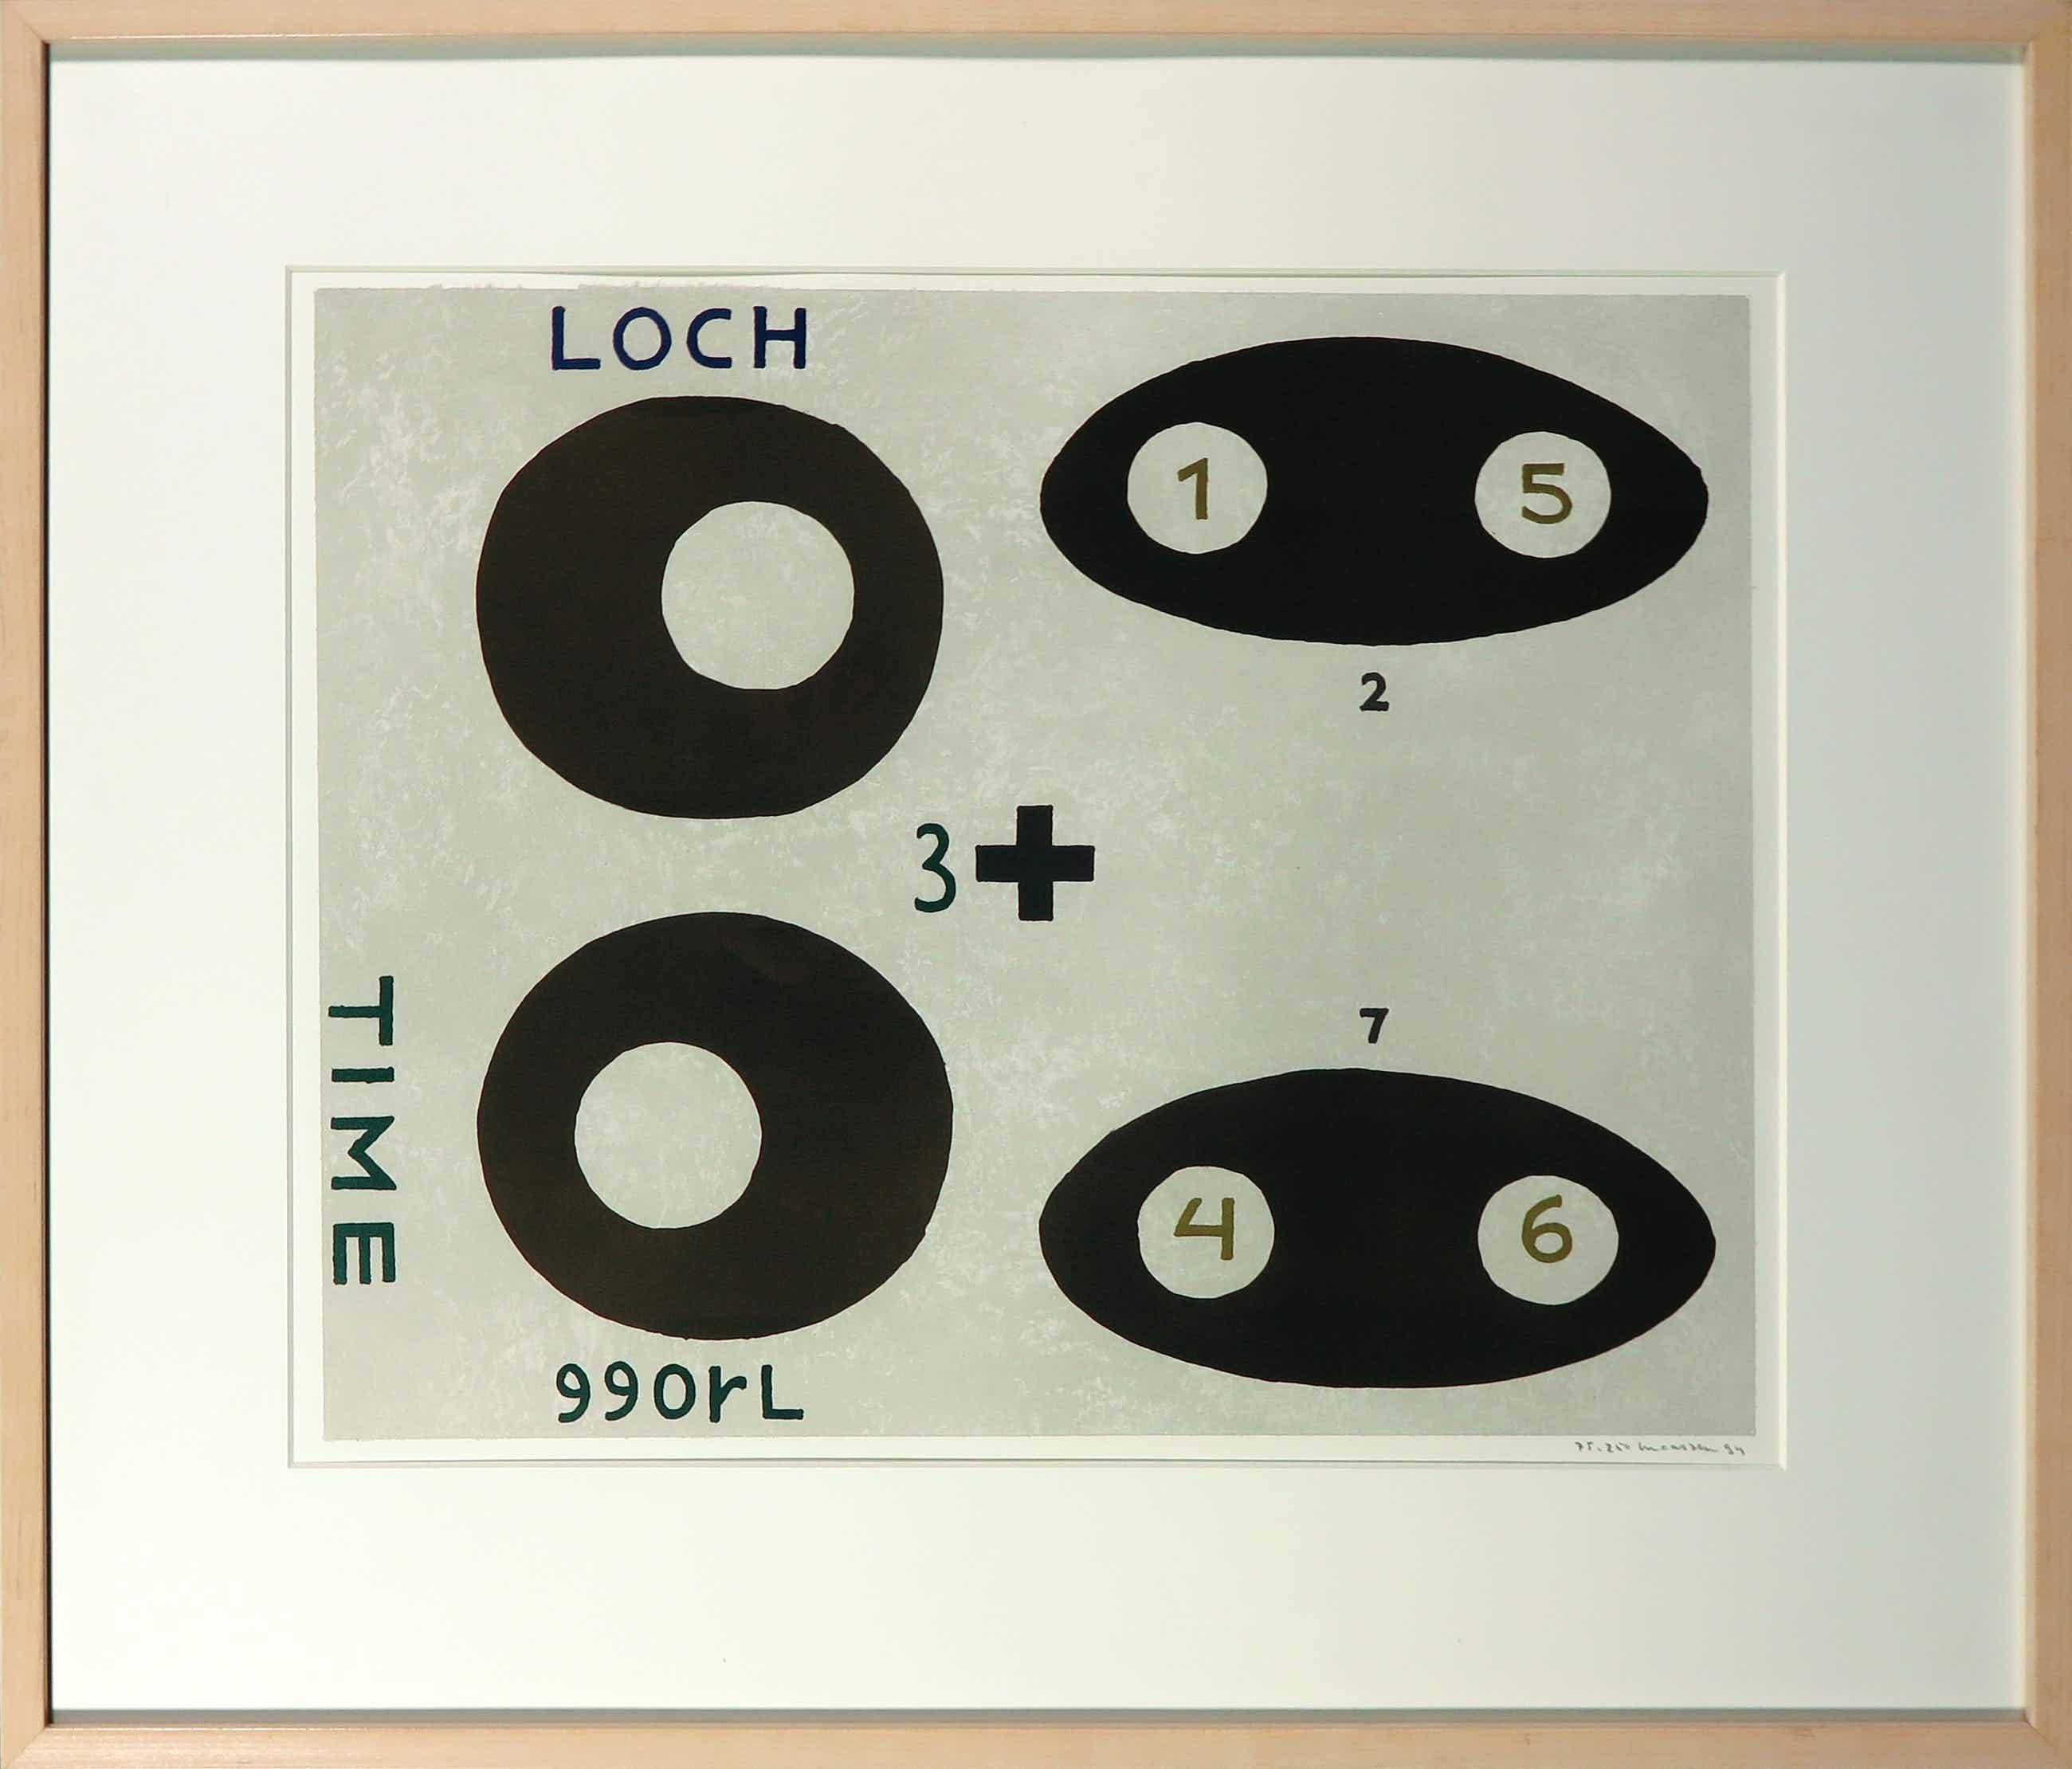 Reinier Lucassen - Litho, Time/Loch - Ingelijst kopen? Bied vanaf 100!